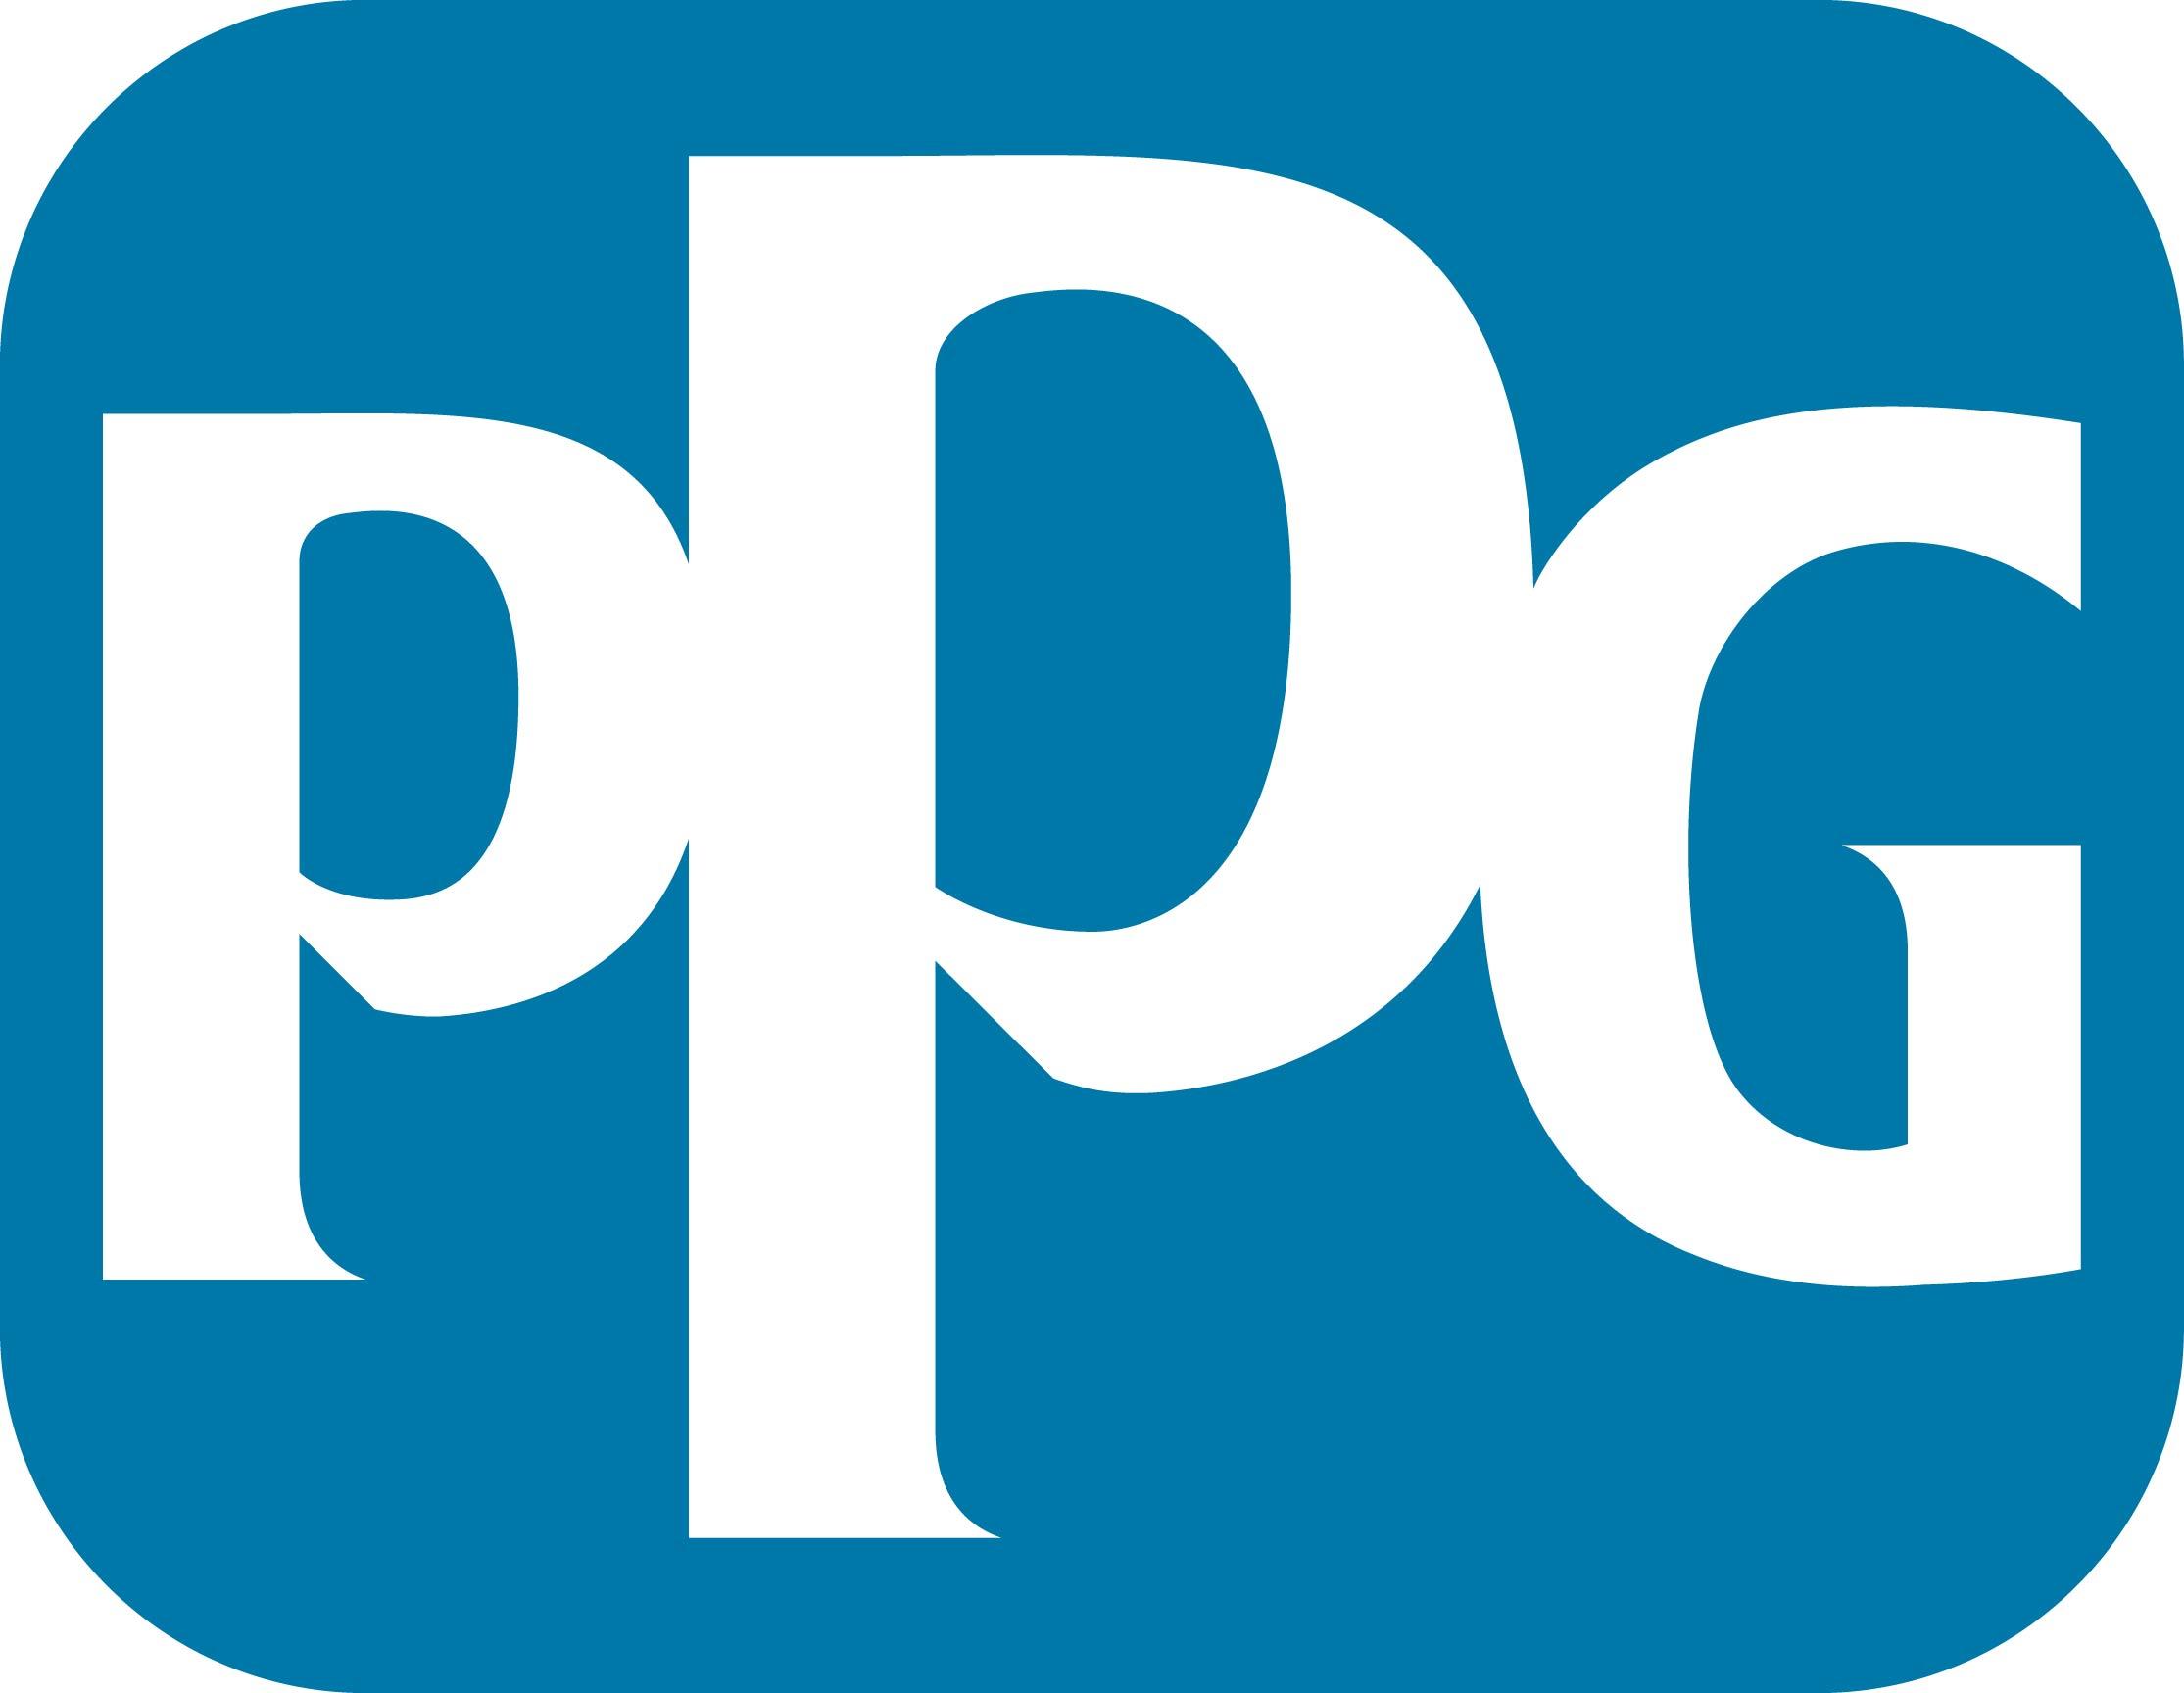 PPG-LG-RGB-POS.jpg